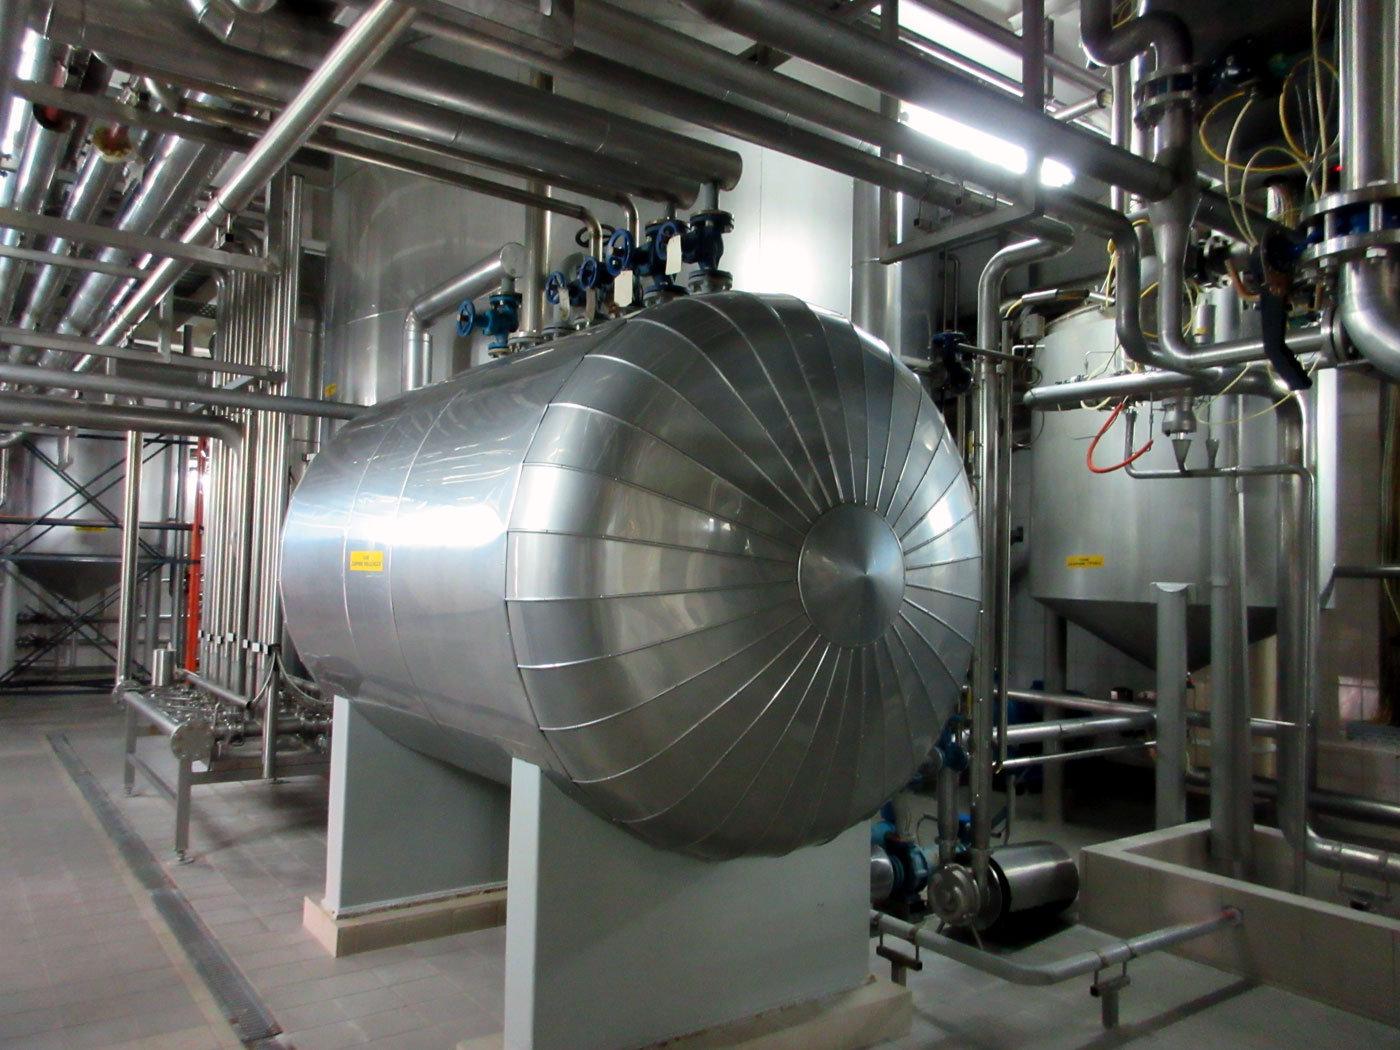 Брестское пиво входит в пятерку самых крупных пивоваренных предприятий страны